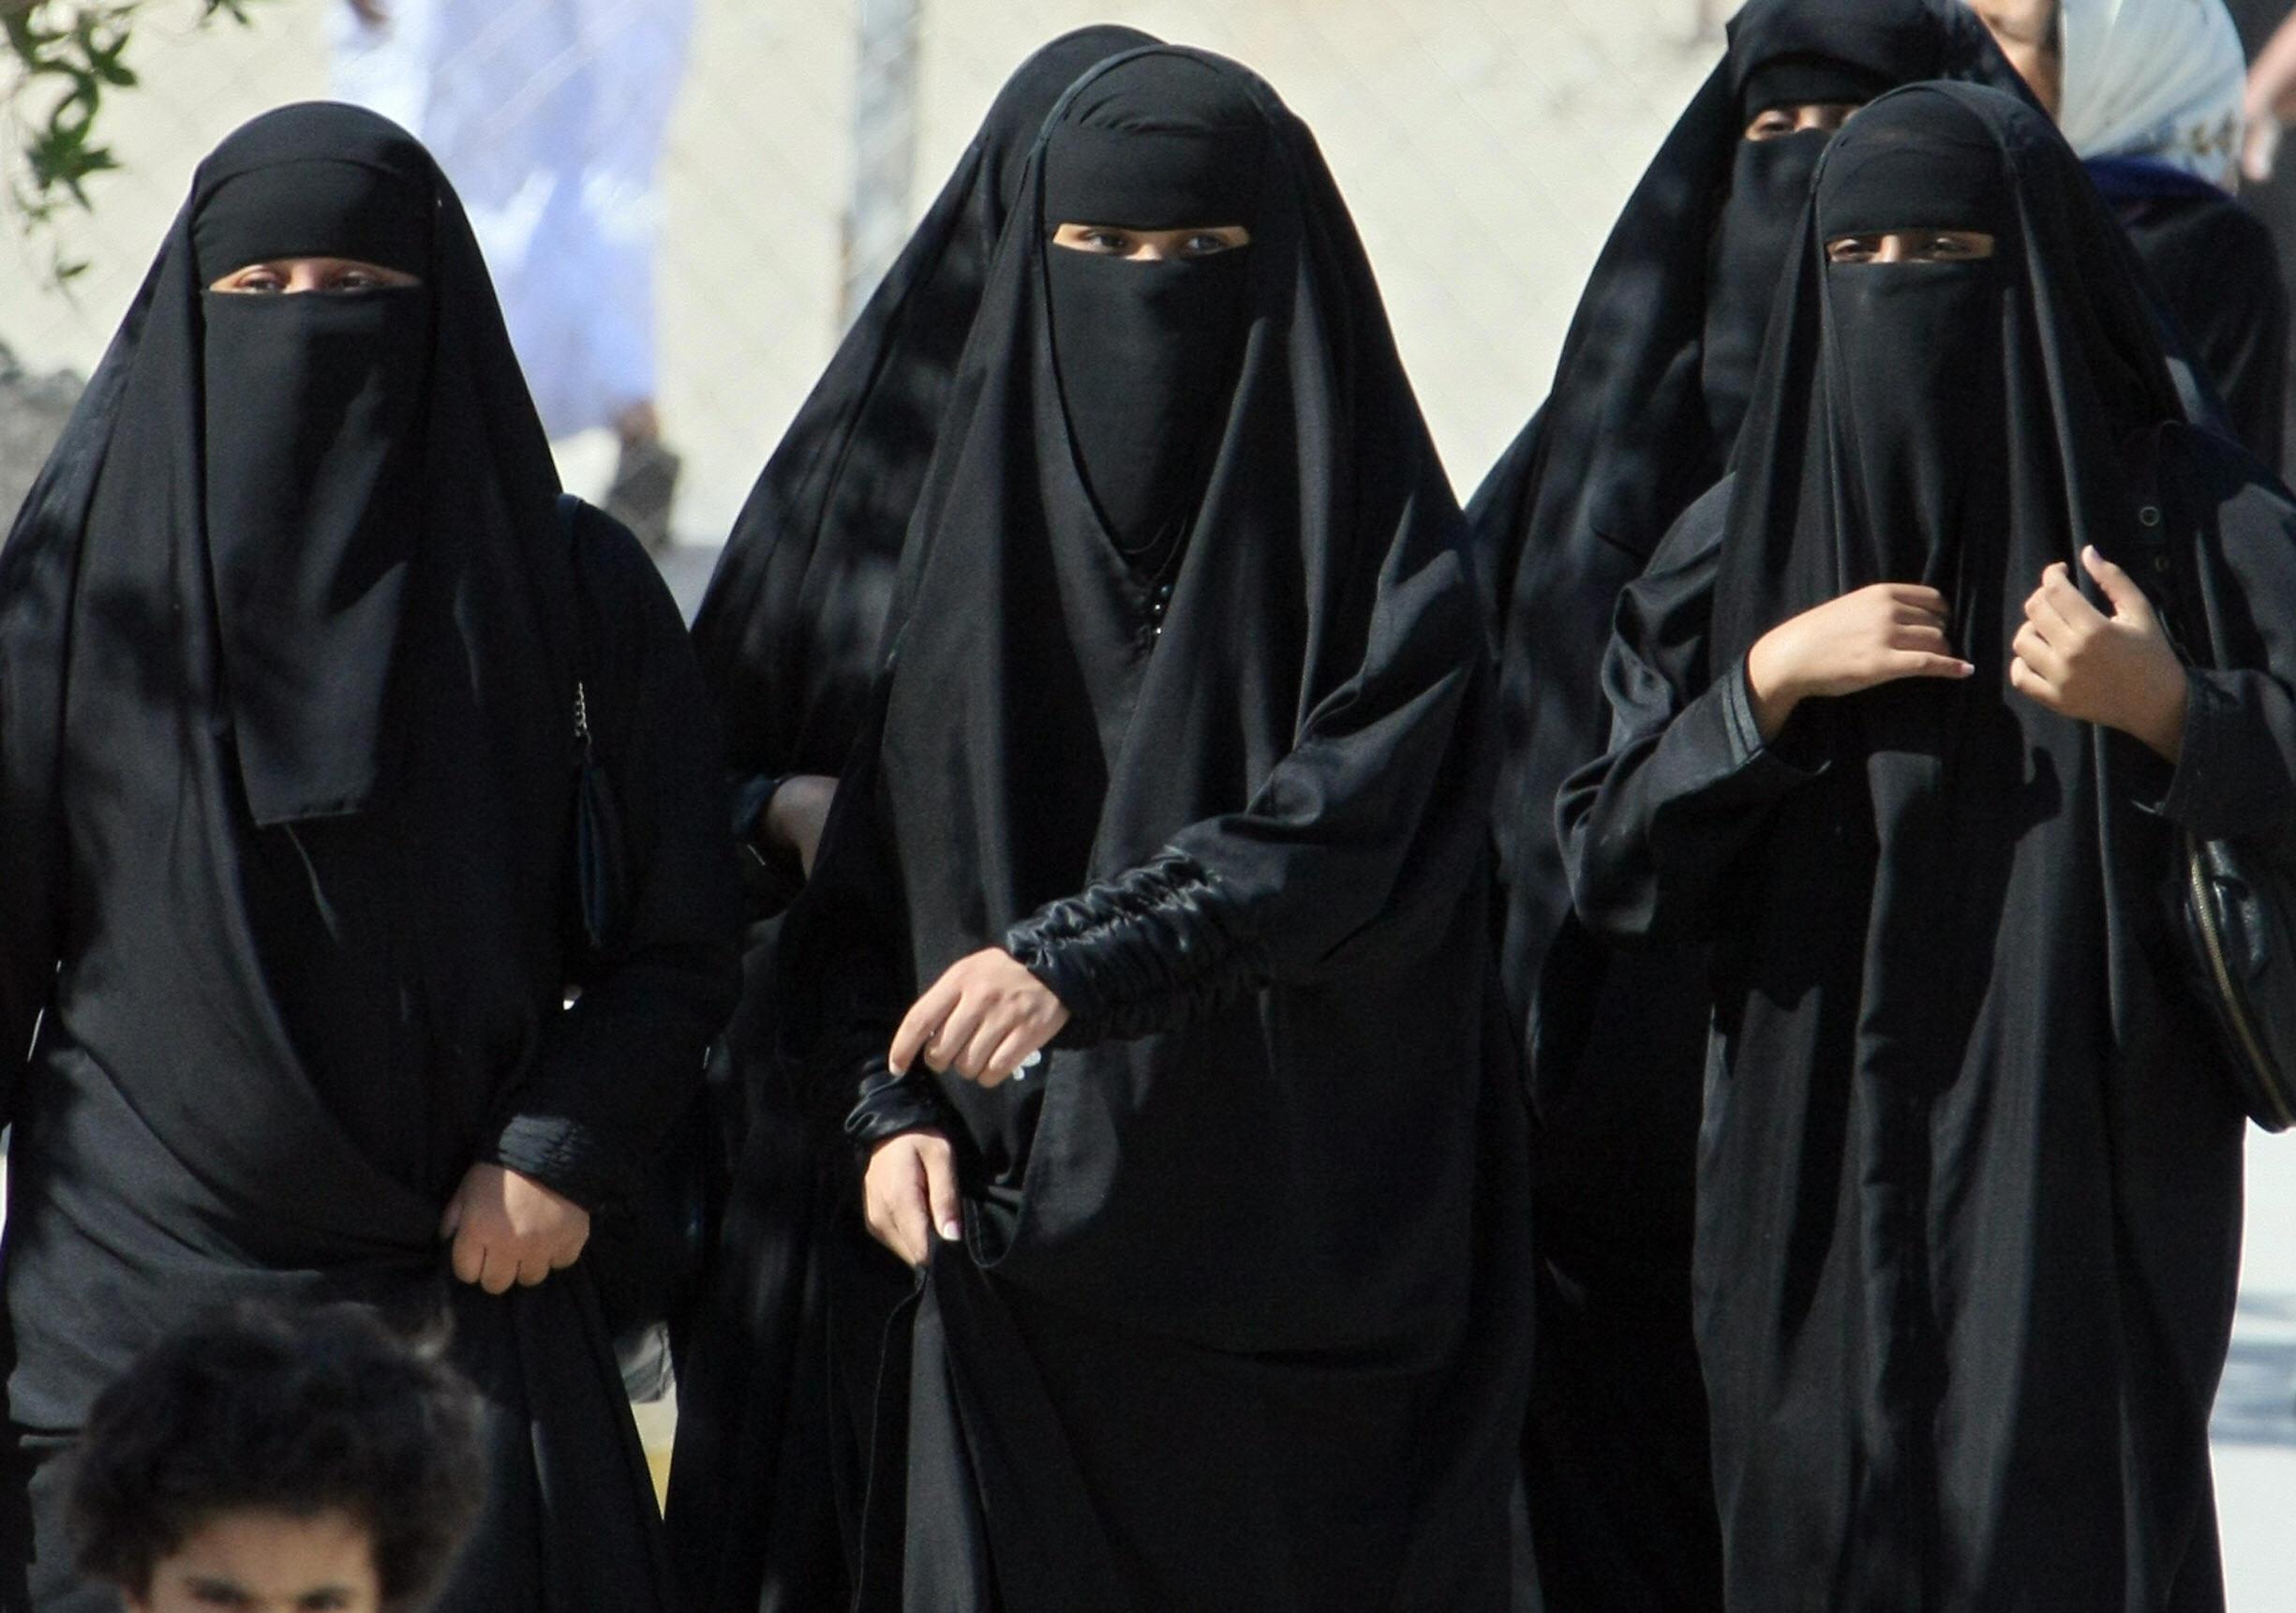 سعودی خواتین مرد کی نافرمانی پر گرفتار ہو سکتی ہیں